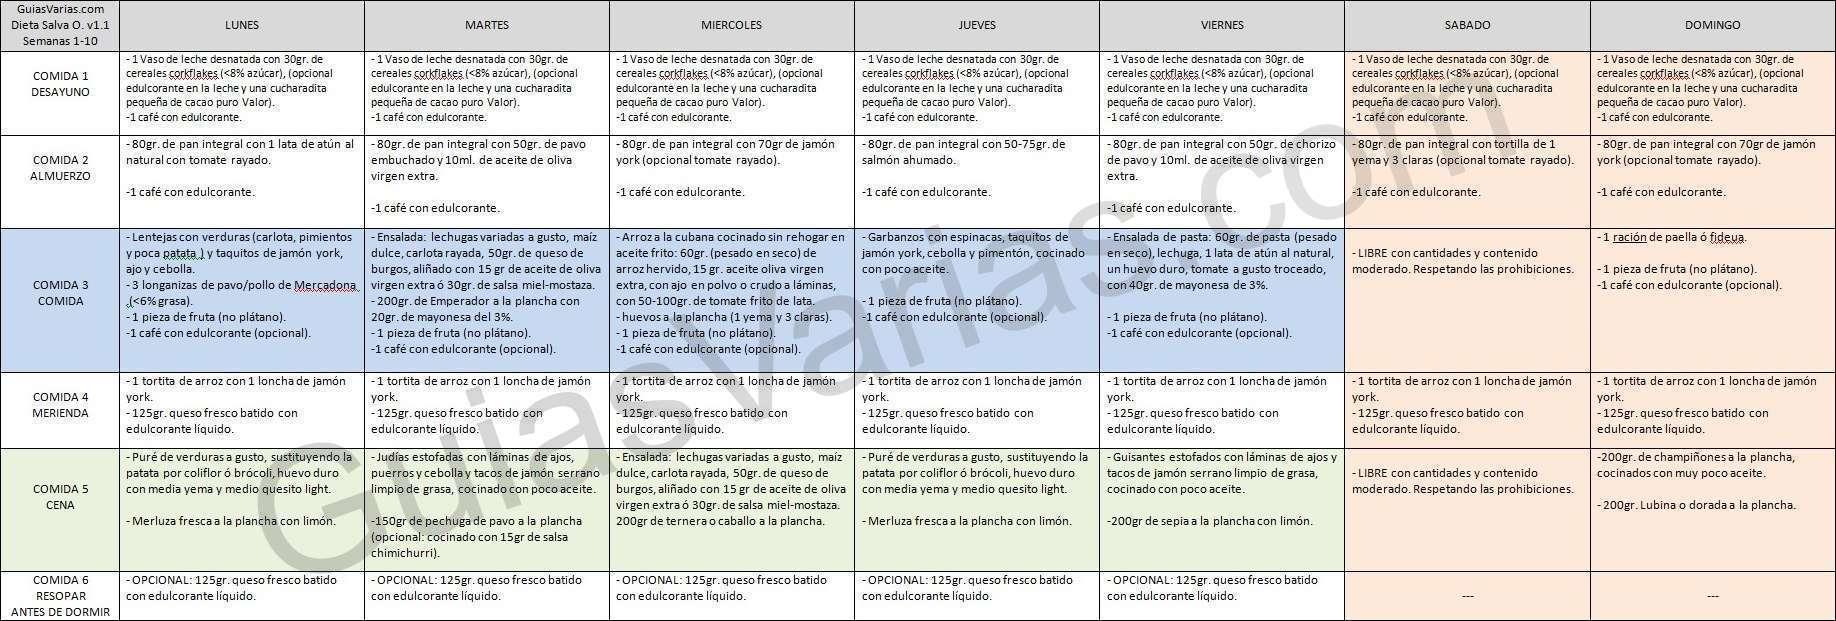 acido urico 5.2 mg dl medicamentos para la enfermedad la gota tratamiento de acido urico pdf